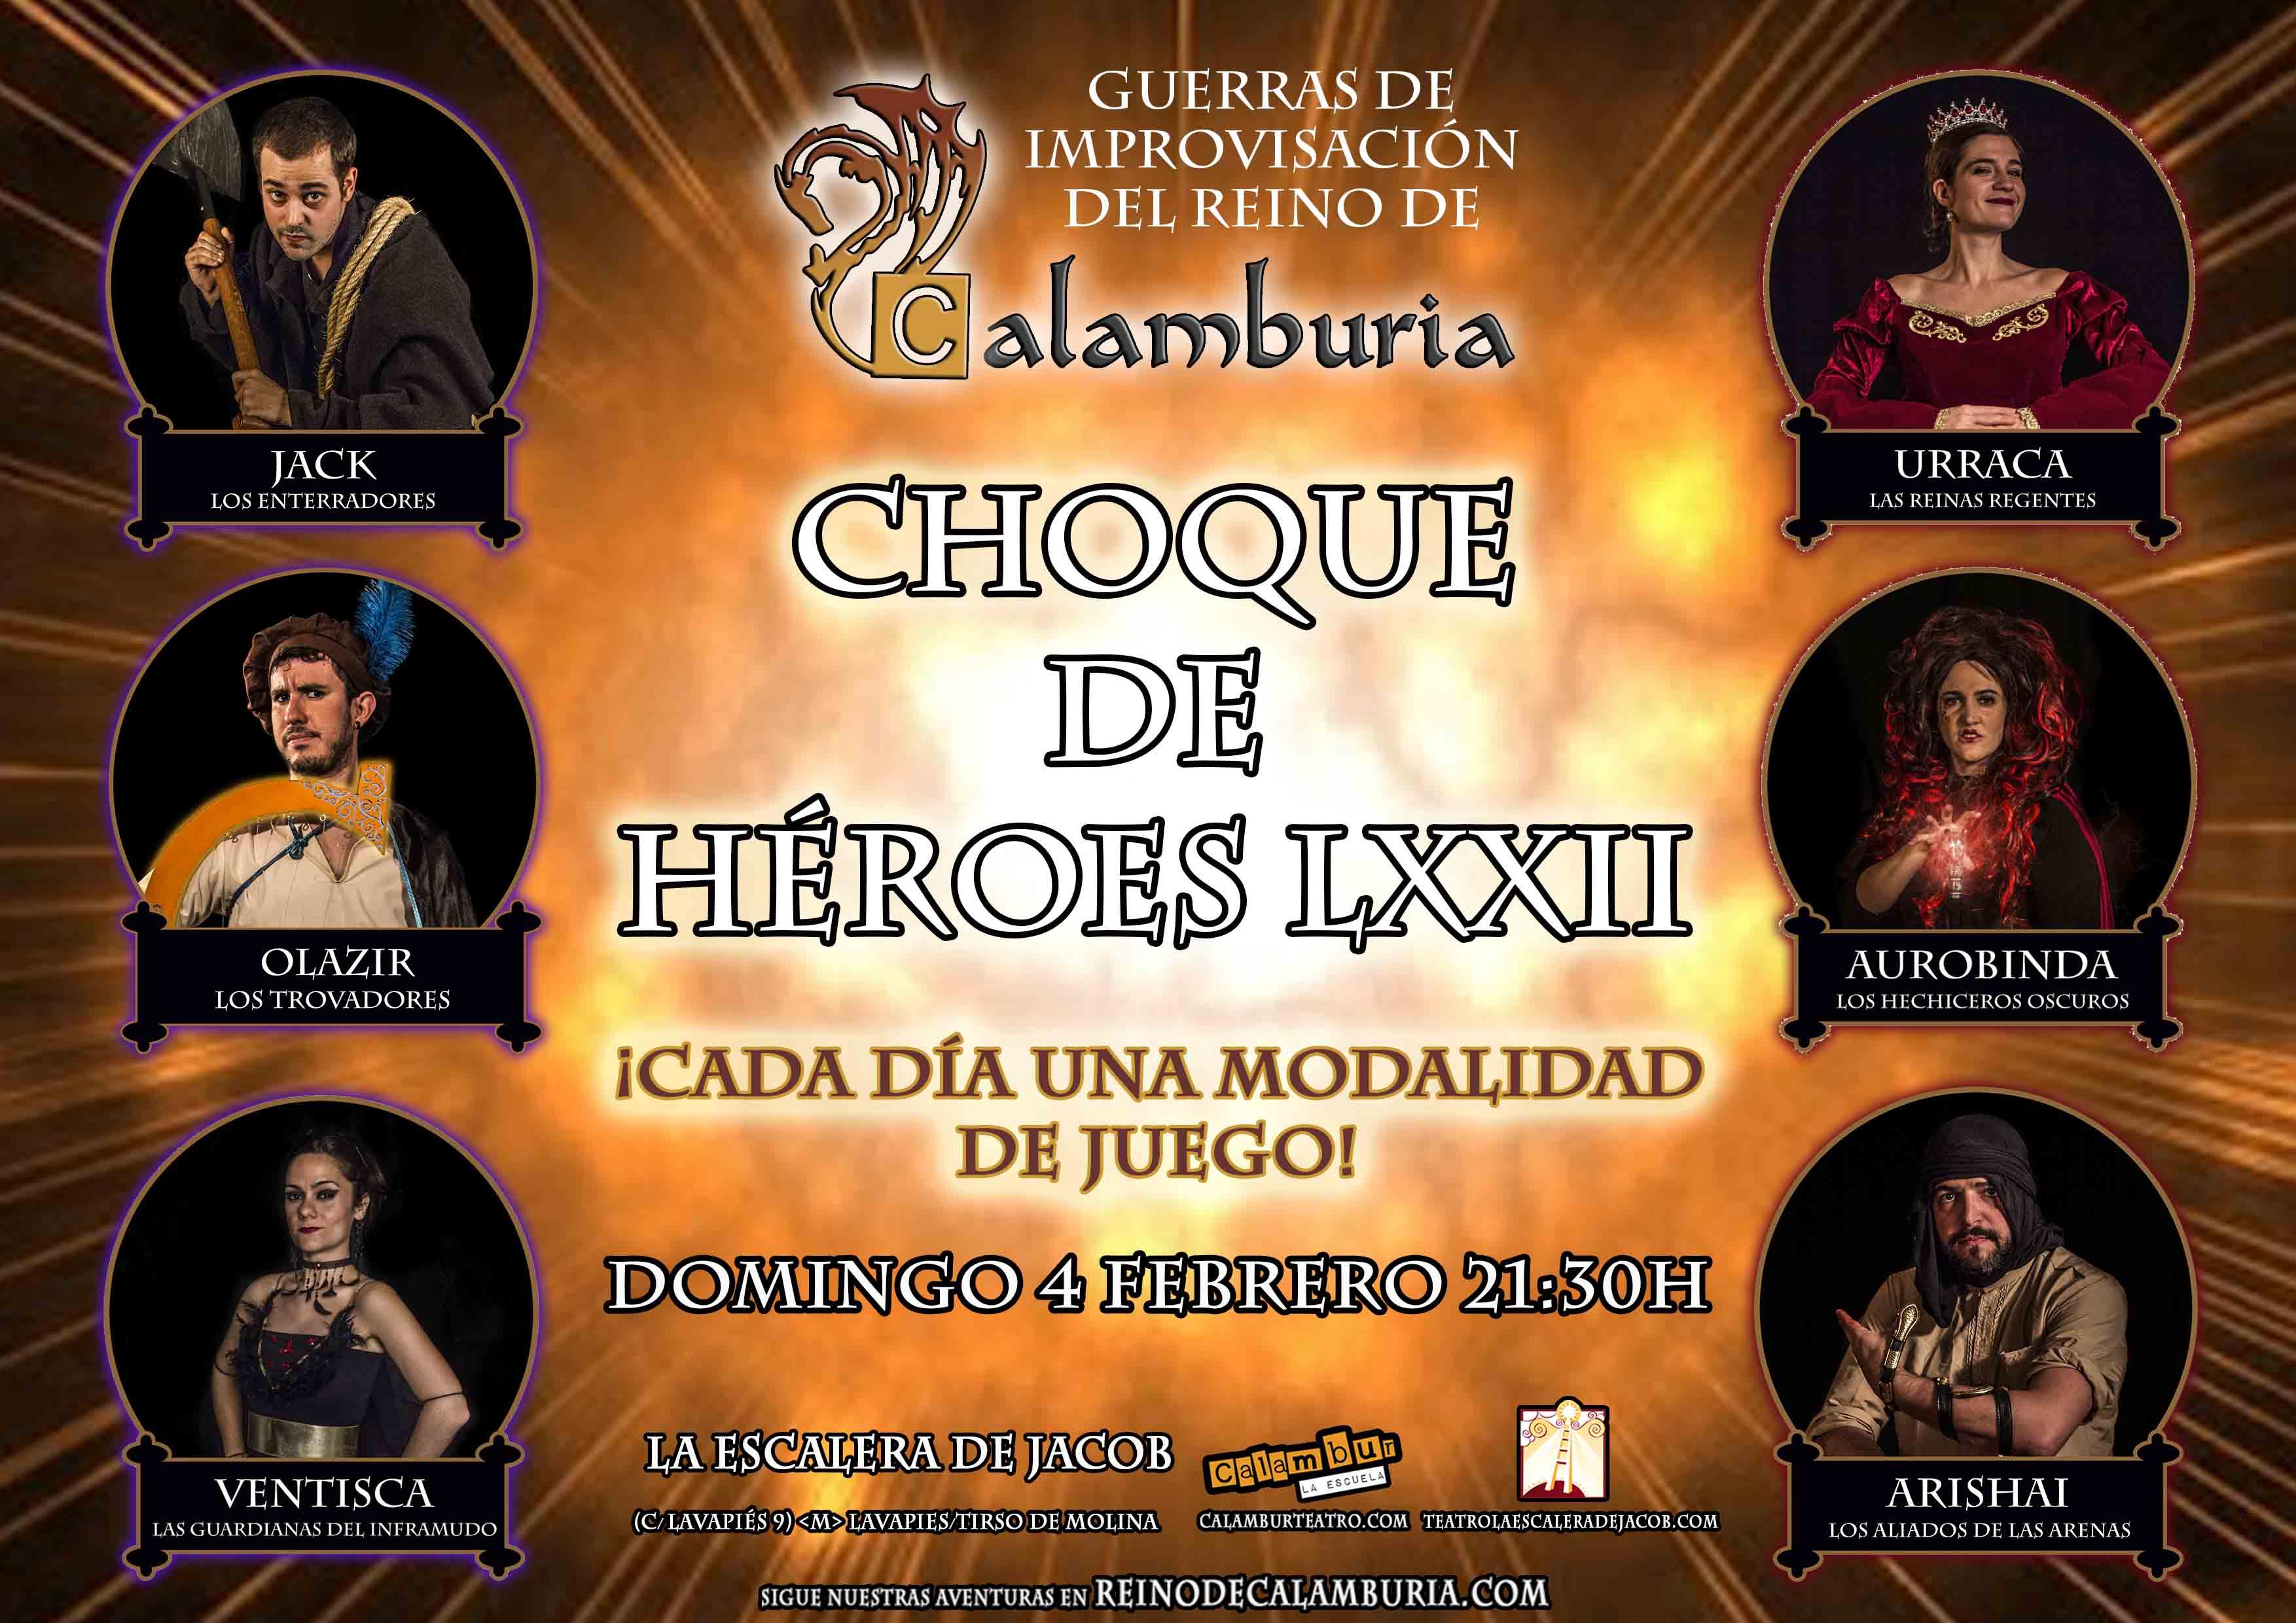 CHOQUE DE HEROES 72